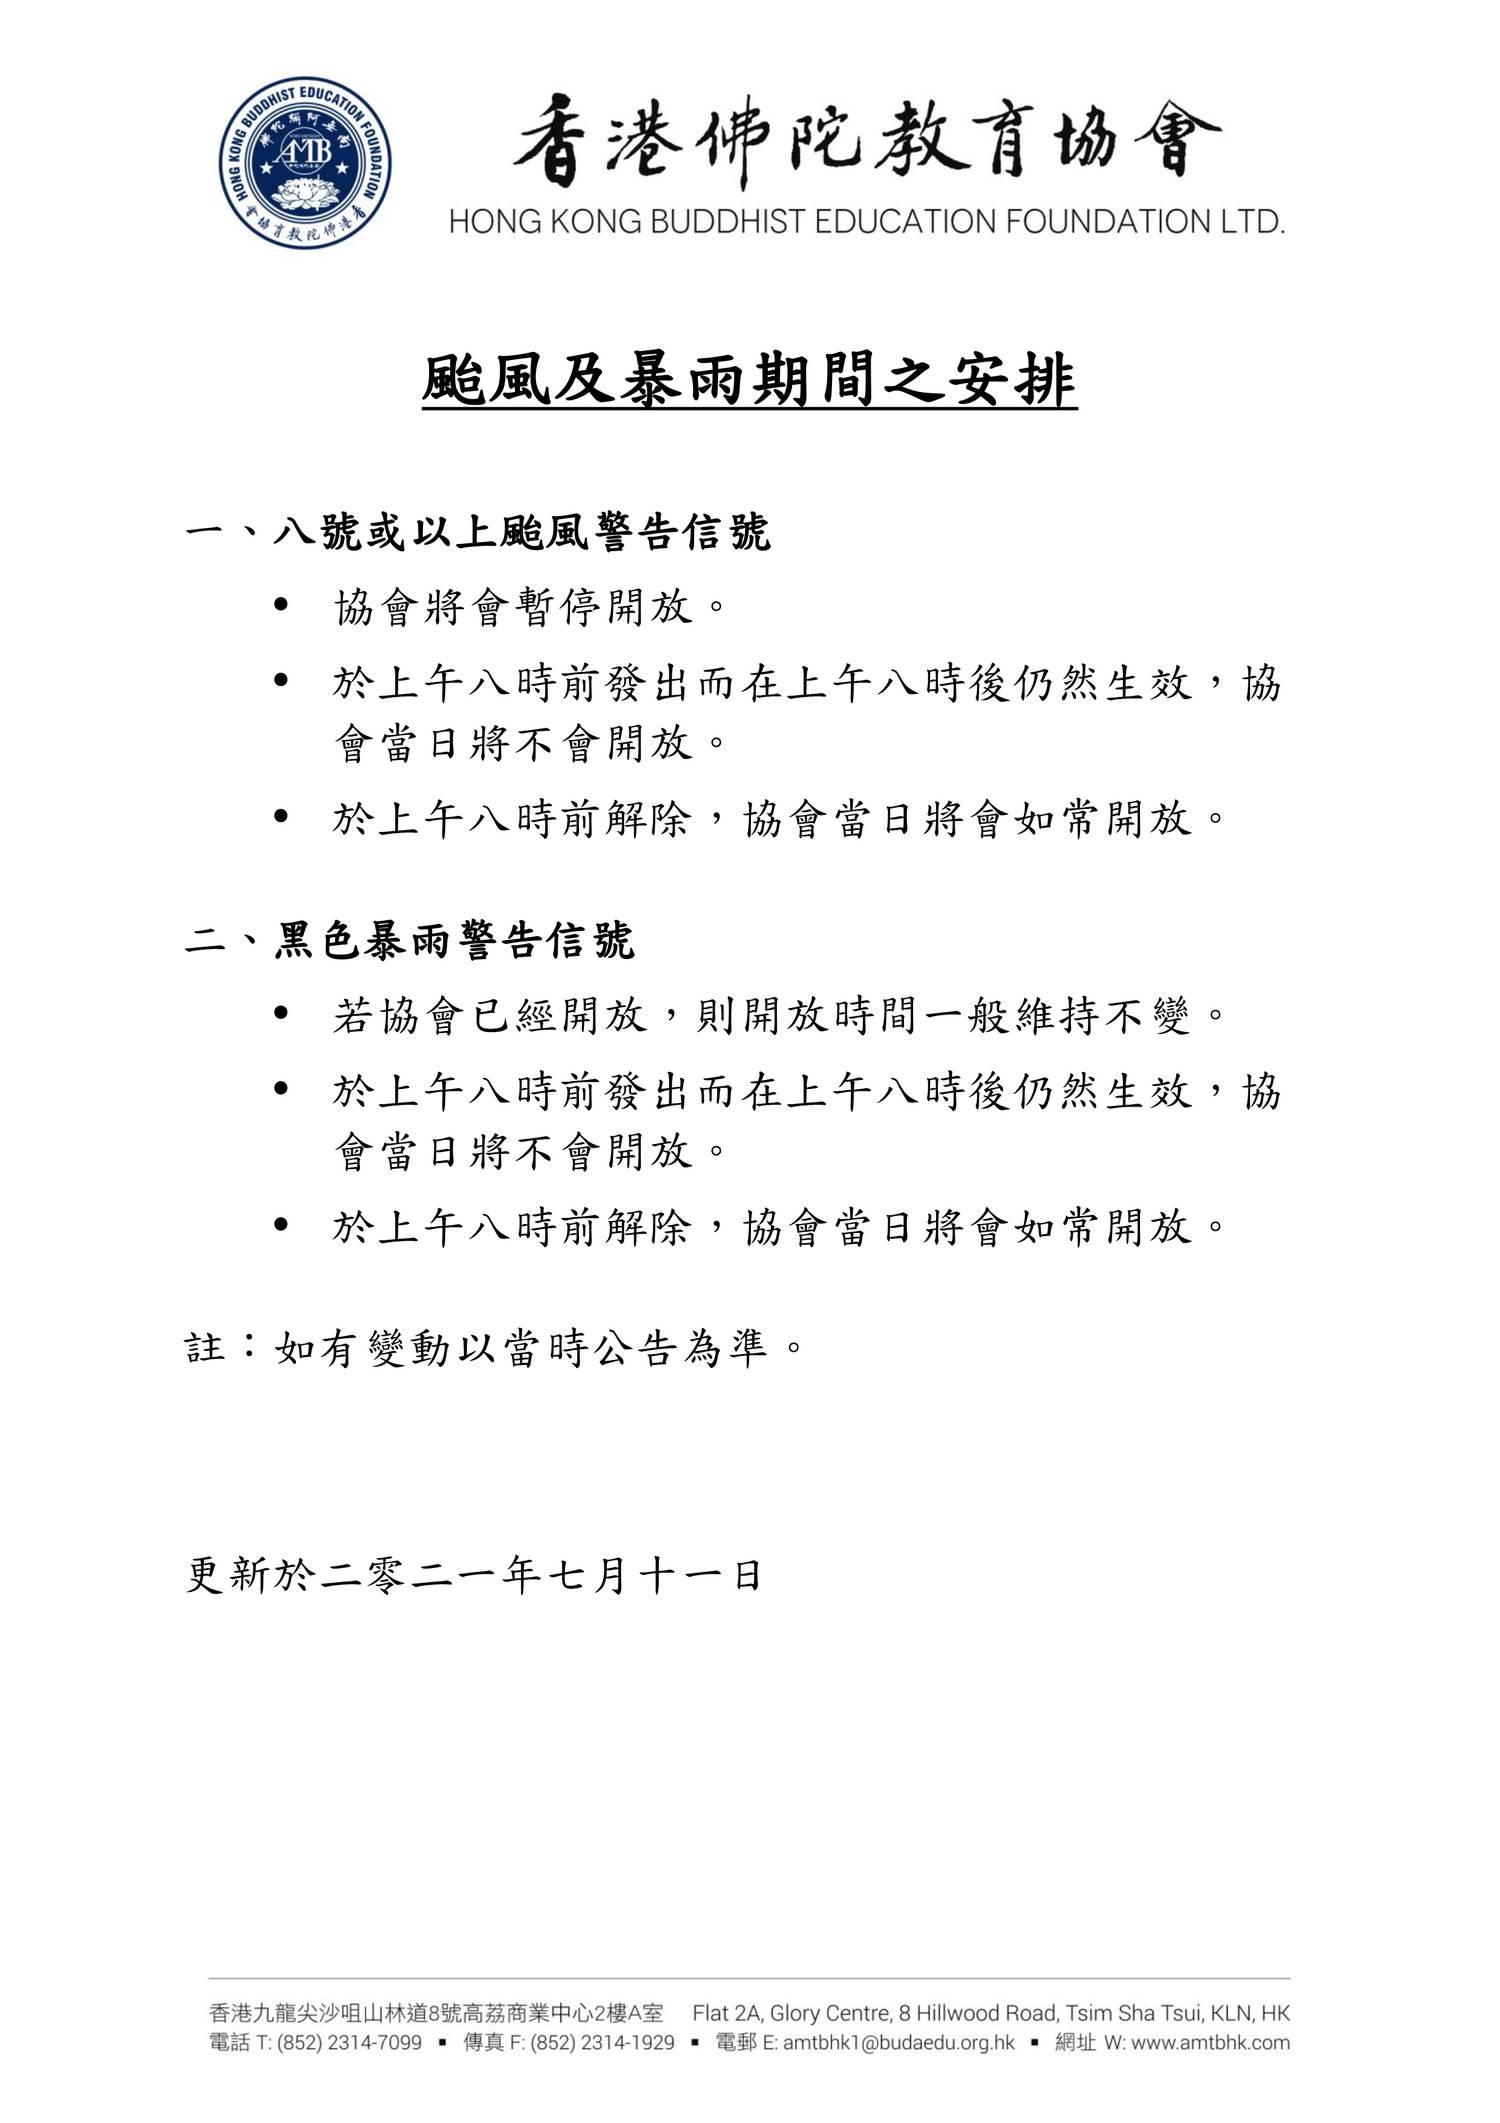 颱風及暴雨期間之安排 (2021.07.11更新)